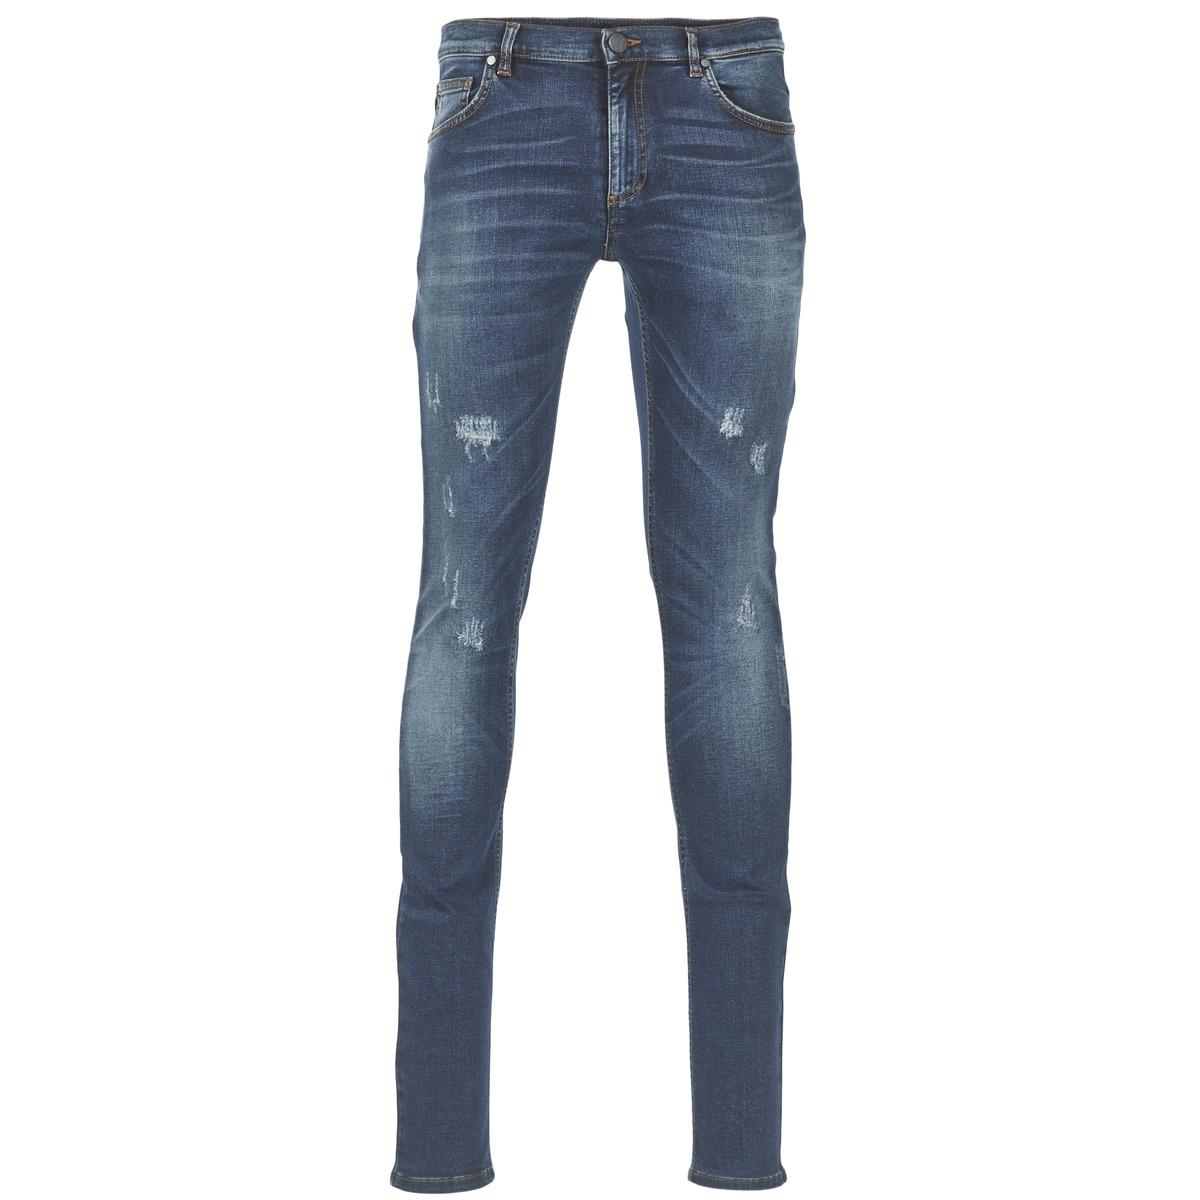 Versace Jeans ROUDFRAME Bleu Medium